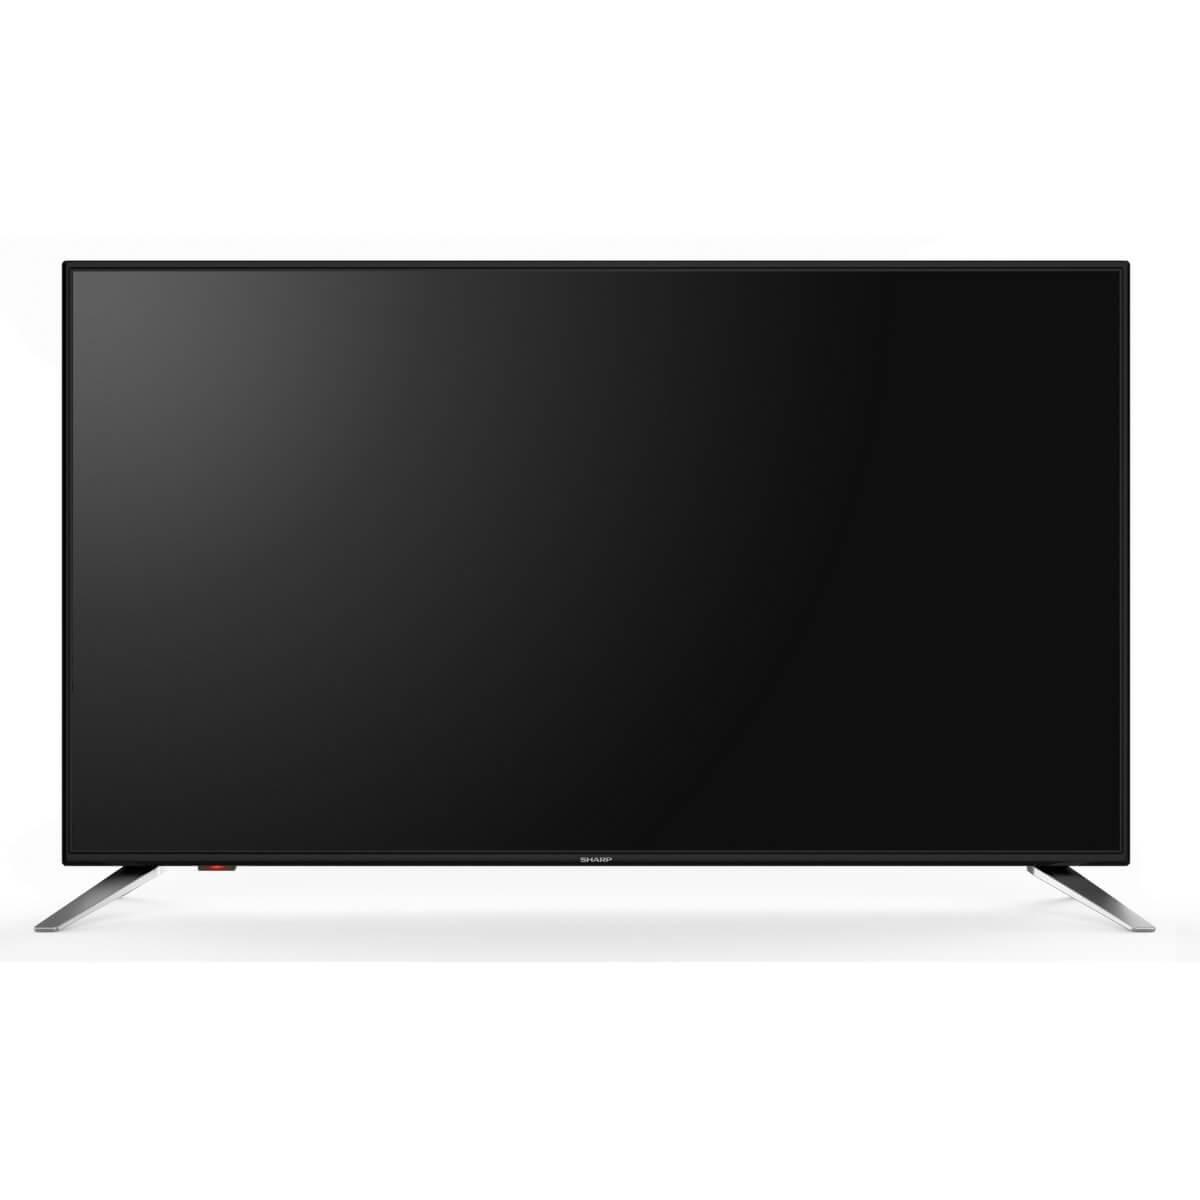 TV SHARP FHD LED 2T-C45AE1X